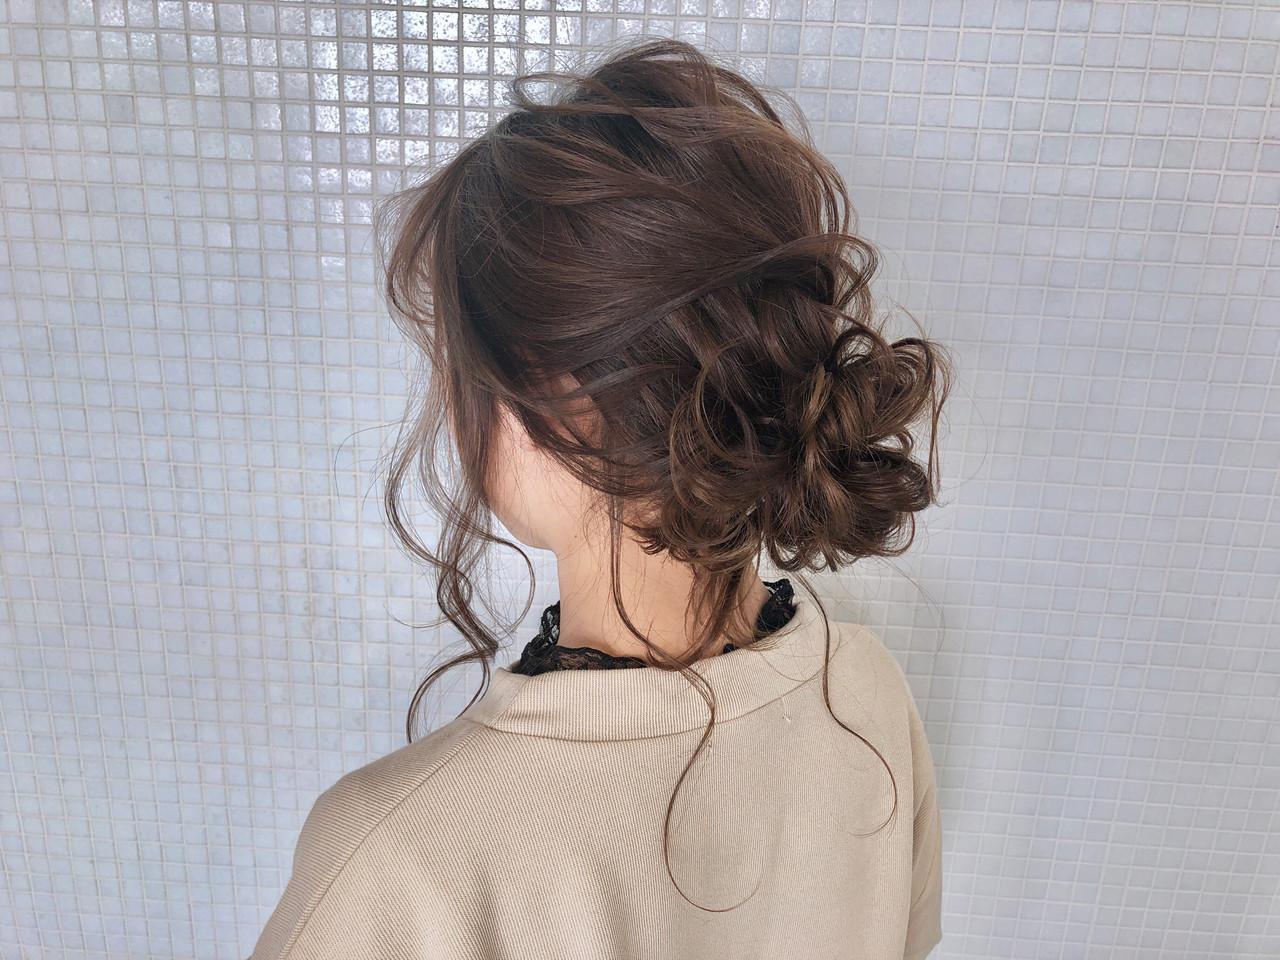 フェミニン お団子アレンジ くるりんぱ 簡単ヘアアレンジ ヘアスタイルや髪型の写真・画像